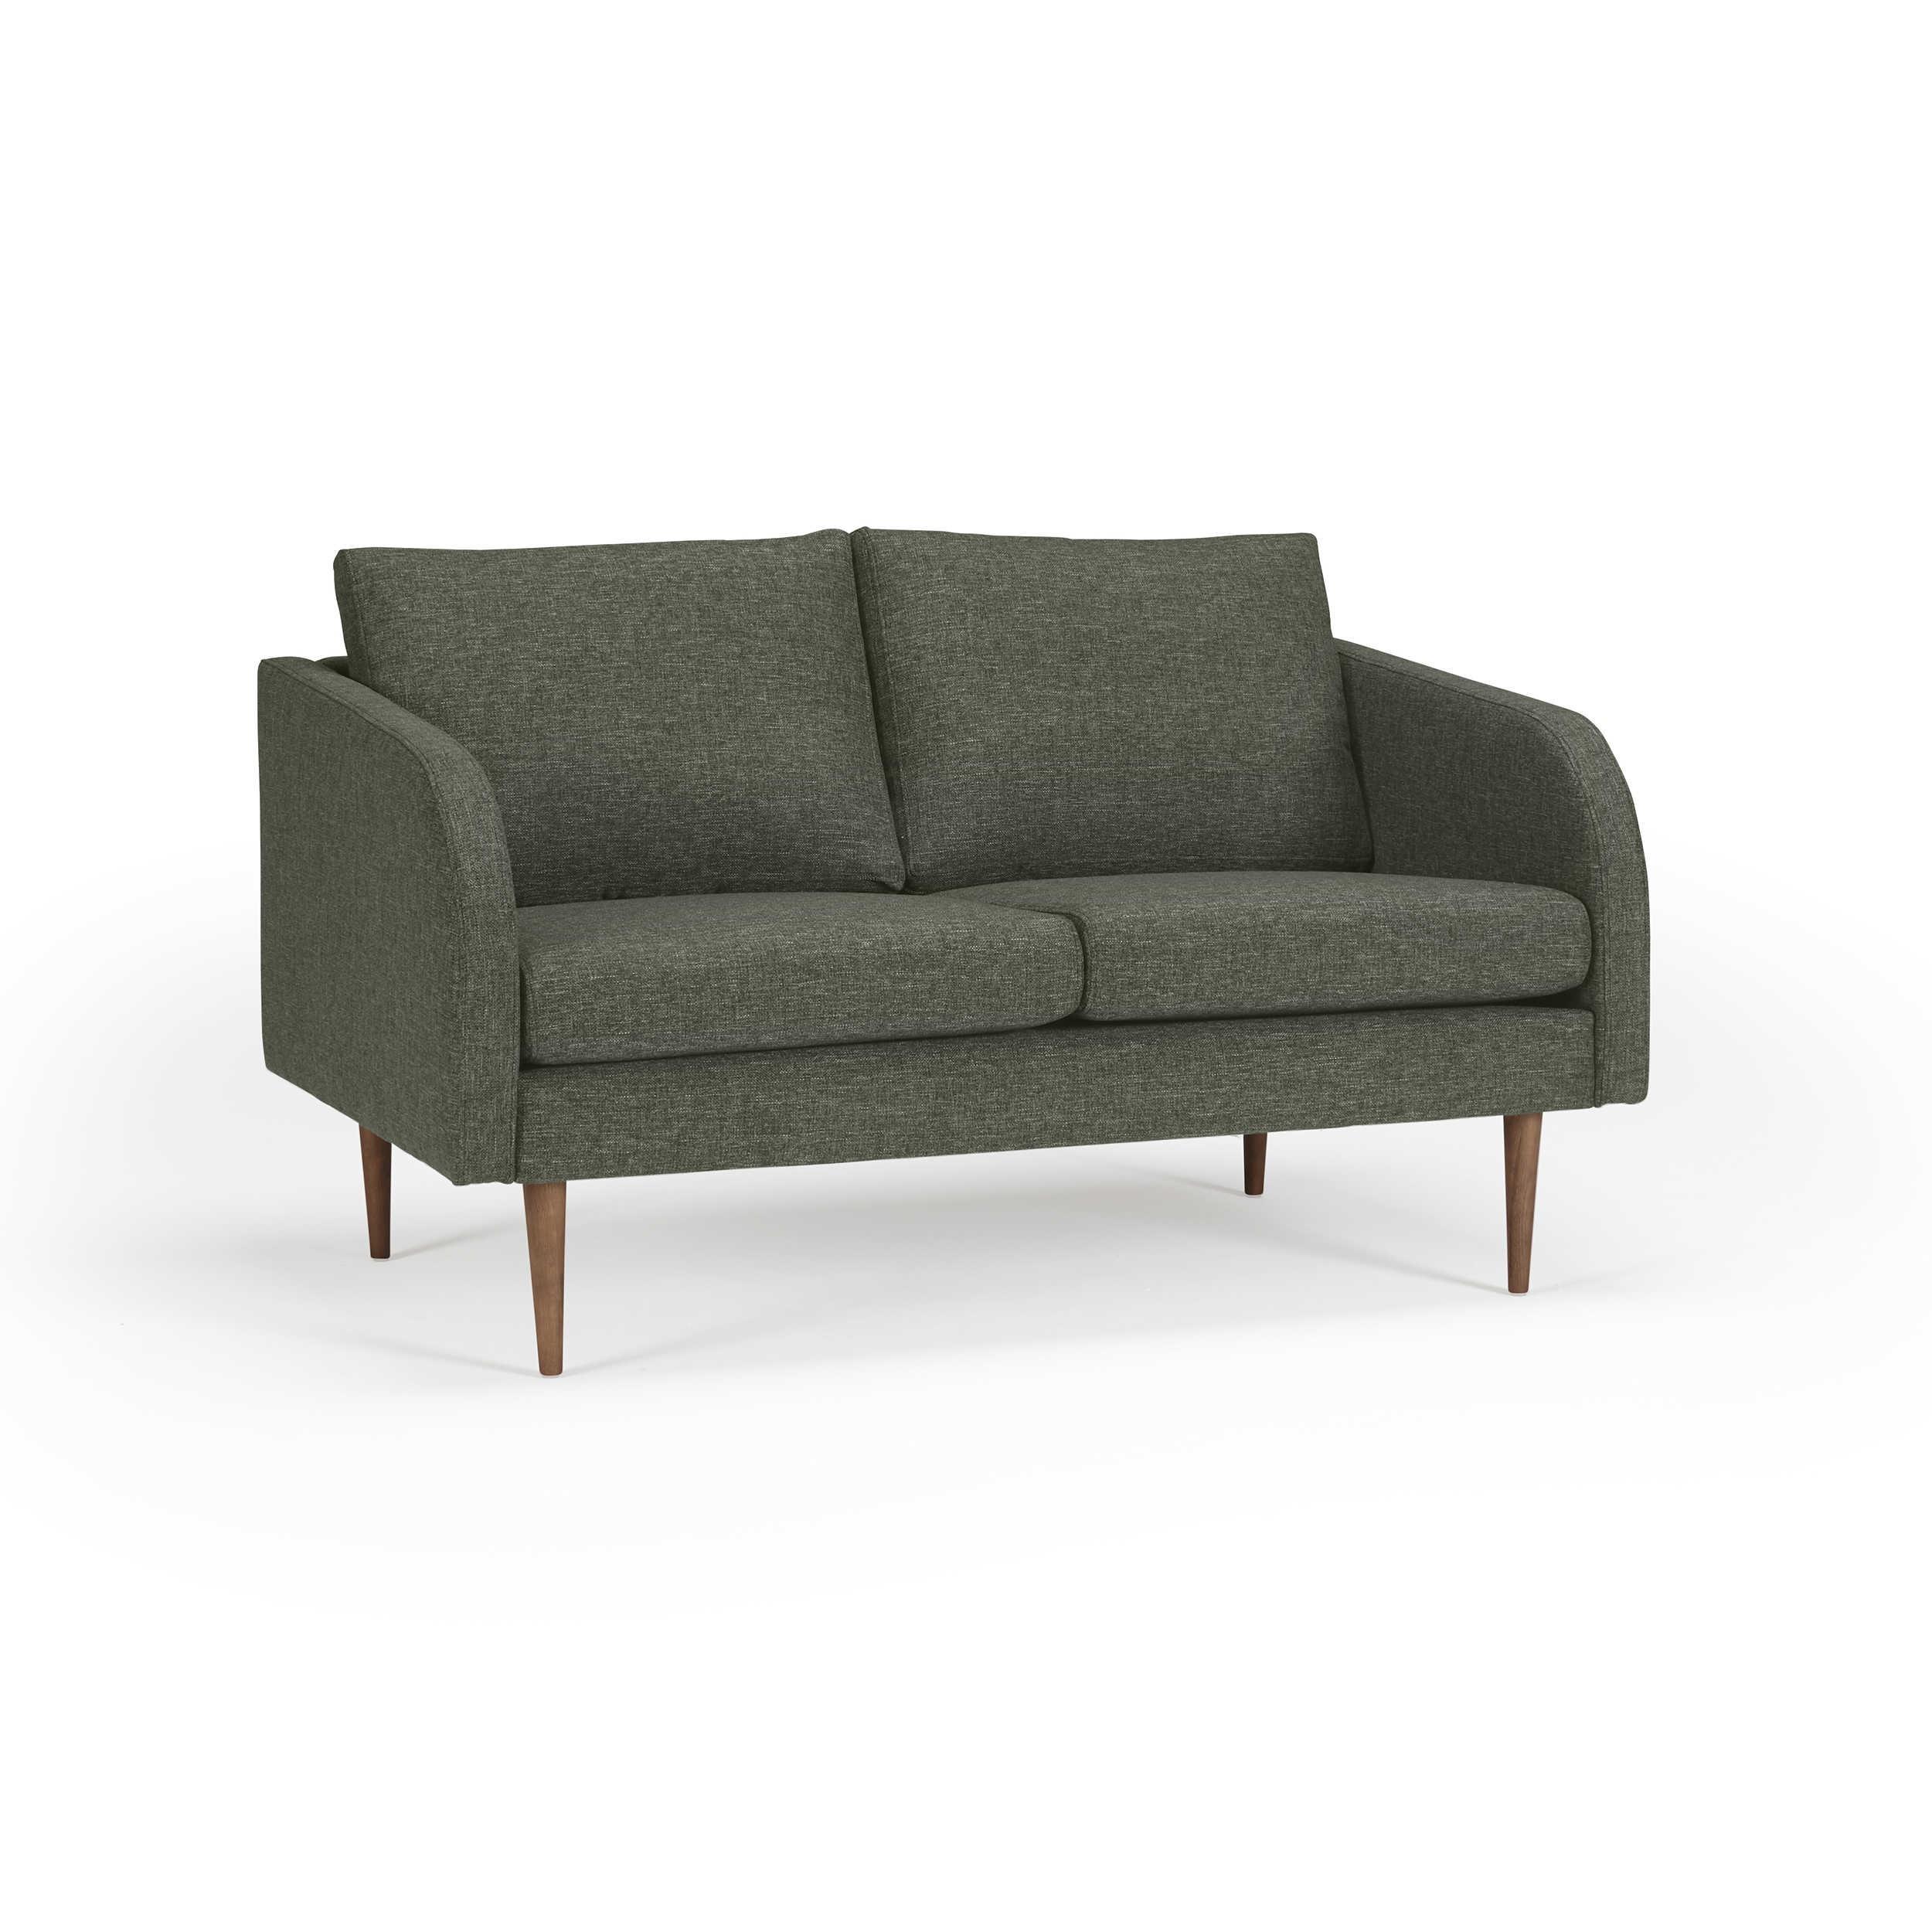 Ansprechend Sofa Grün Ideen Von